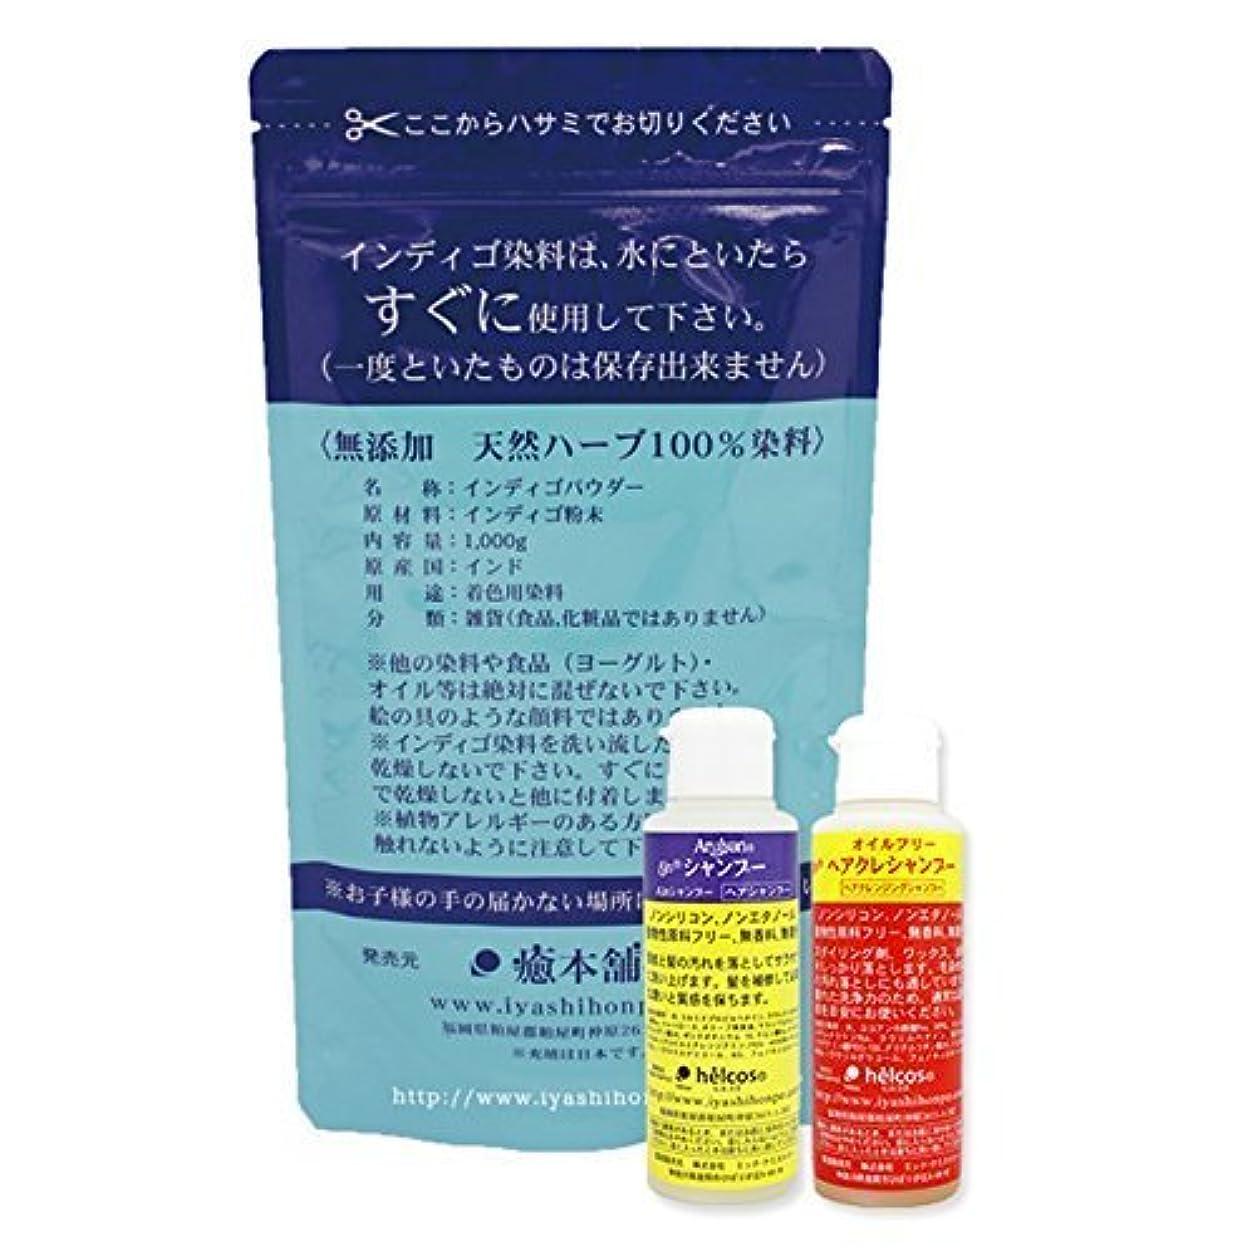 偽造接ぎ木基本的な白髪染め インディゴ(天然染料100%) 1kg+シャンプー2種セット 癒本舗